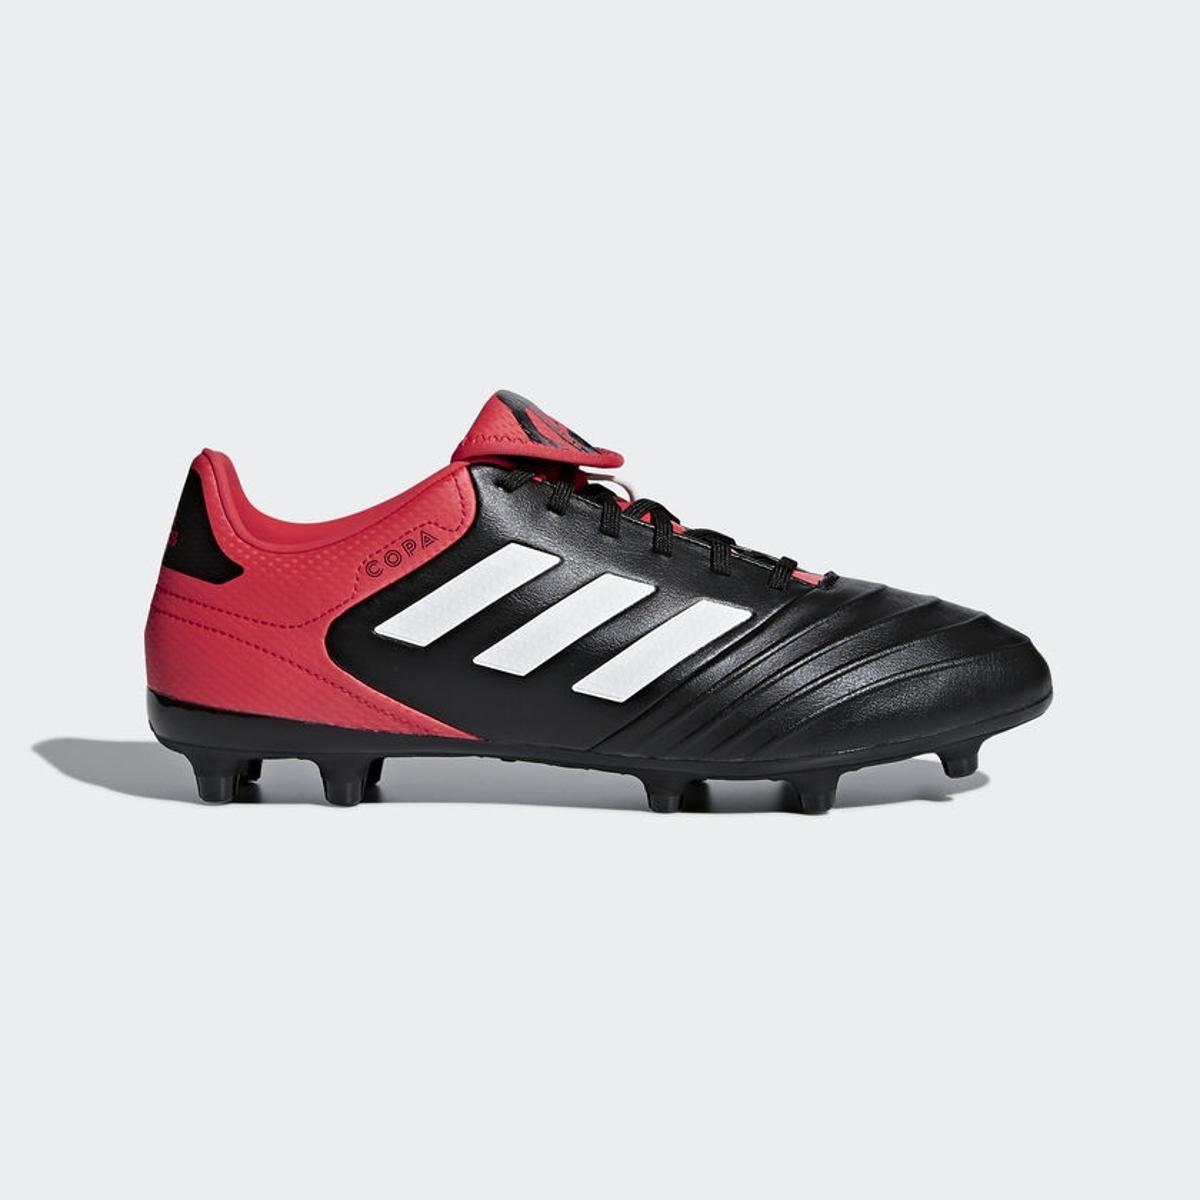 e1cc863250 Chuteira Campo Adidas Copa 18.3 FXG - Preto e Vermelho